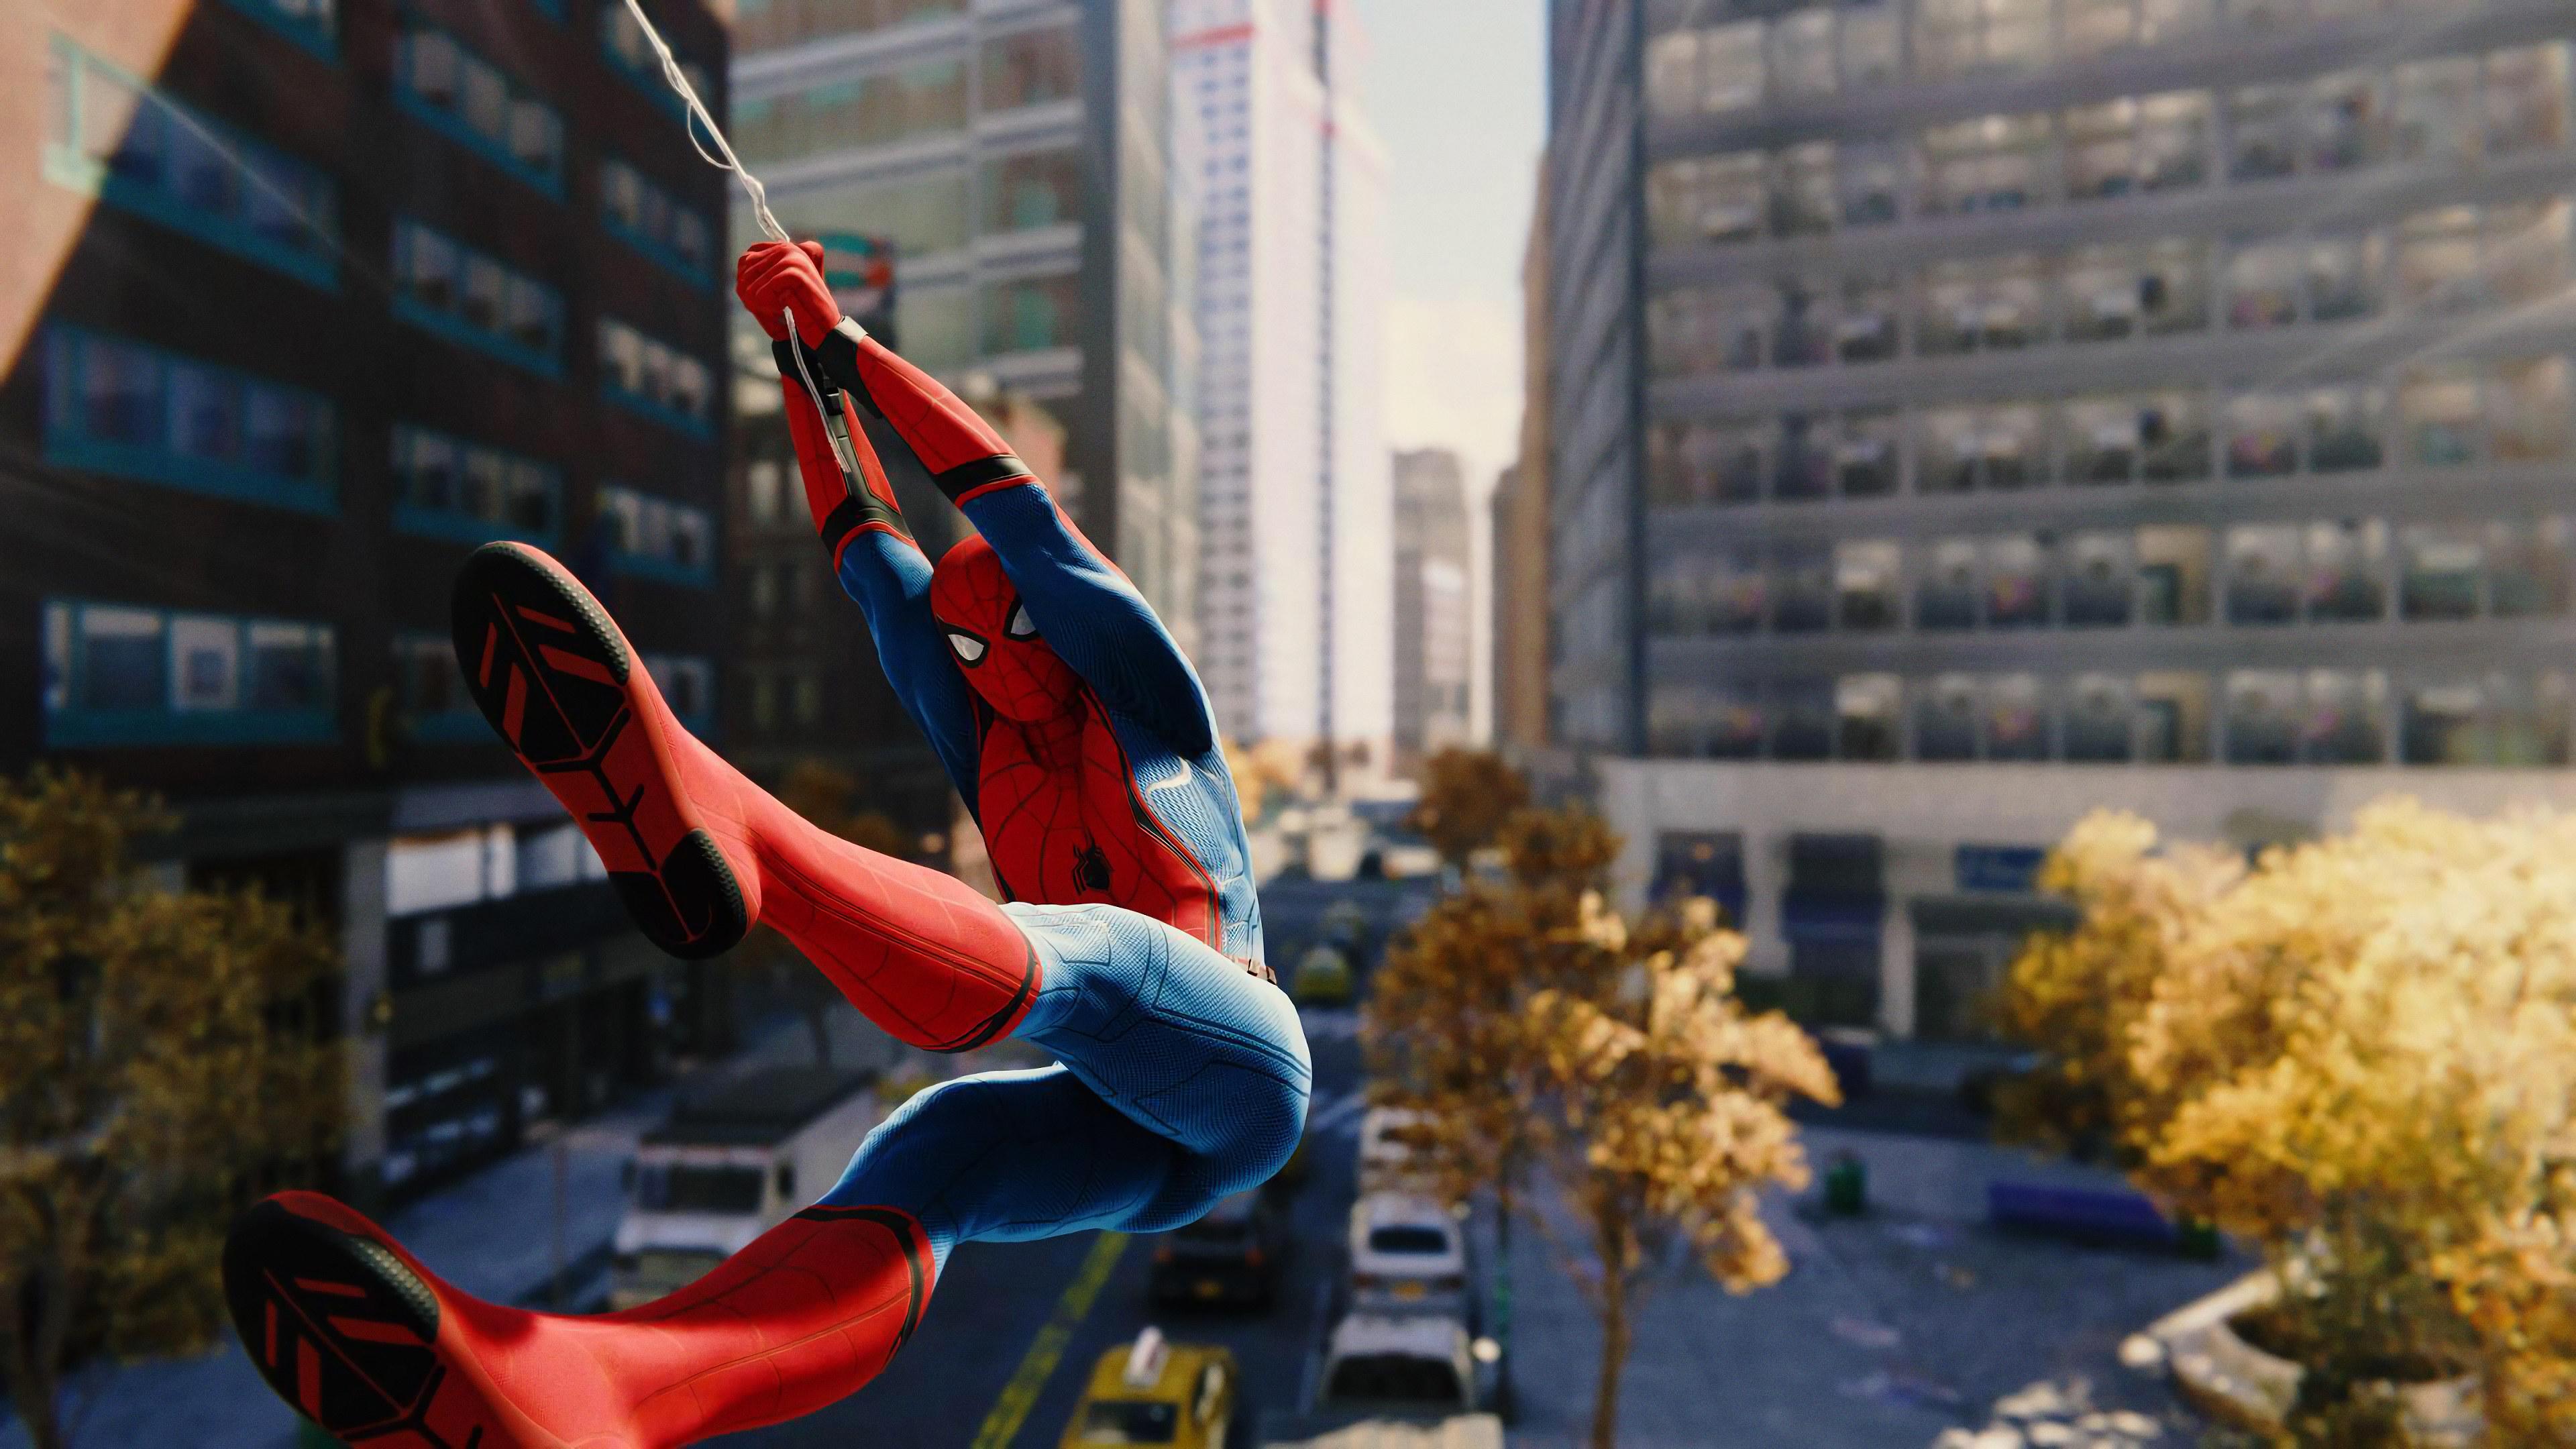 spiderman-ps4-web-swing-ps4-w7218.jpg